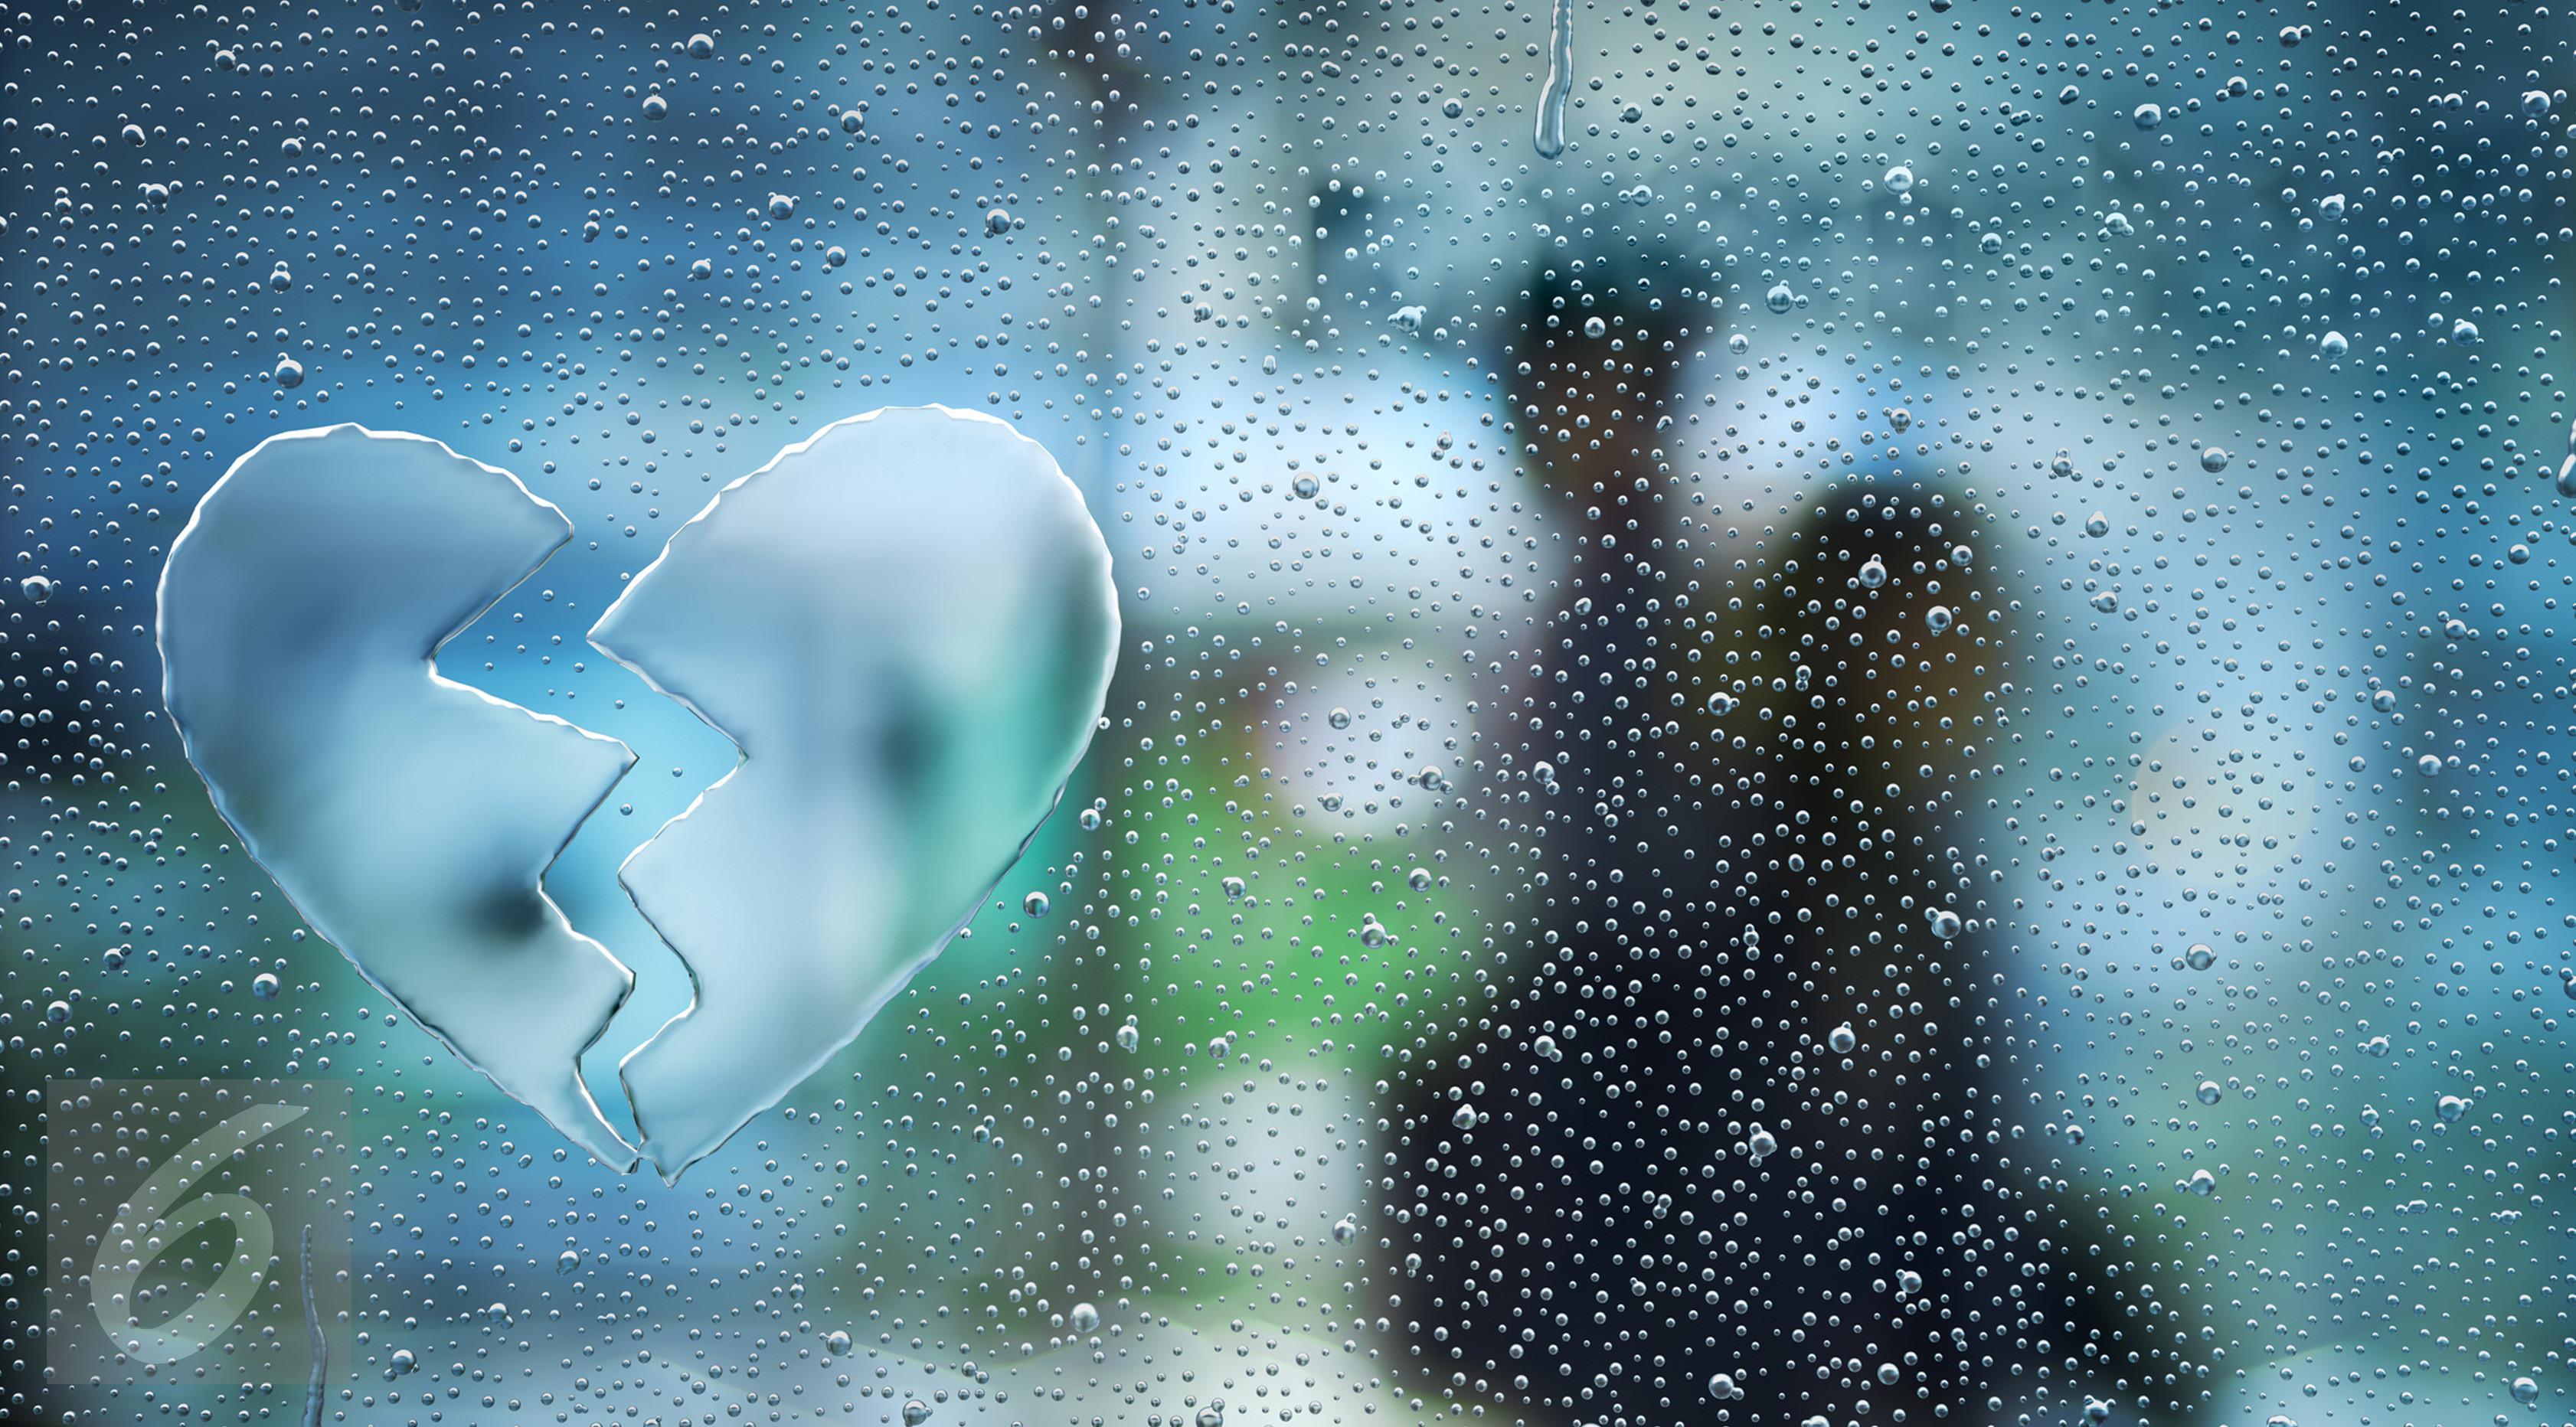 Hati Hati 2 Mitos Ini Bisa Bikin Hubungan Cinta Anda Berakhir Lifestyle Liputan6 Com